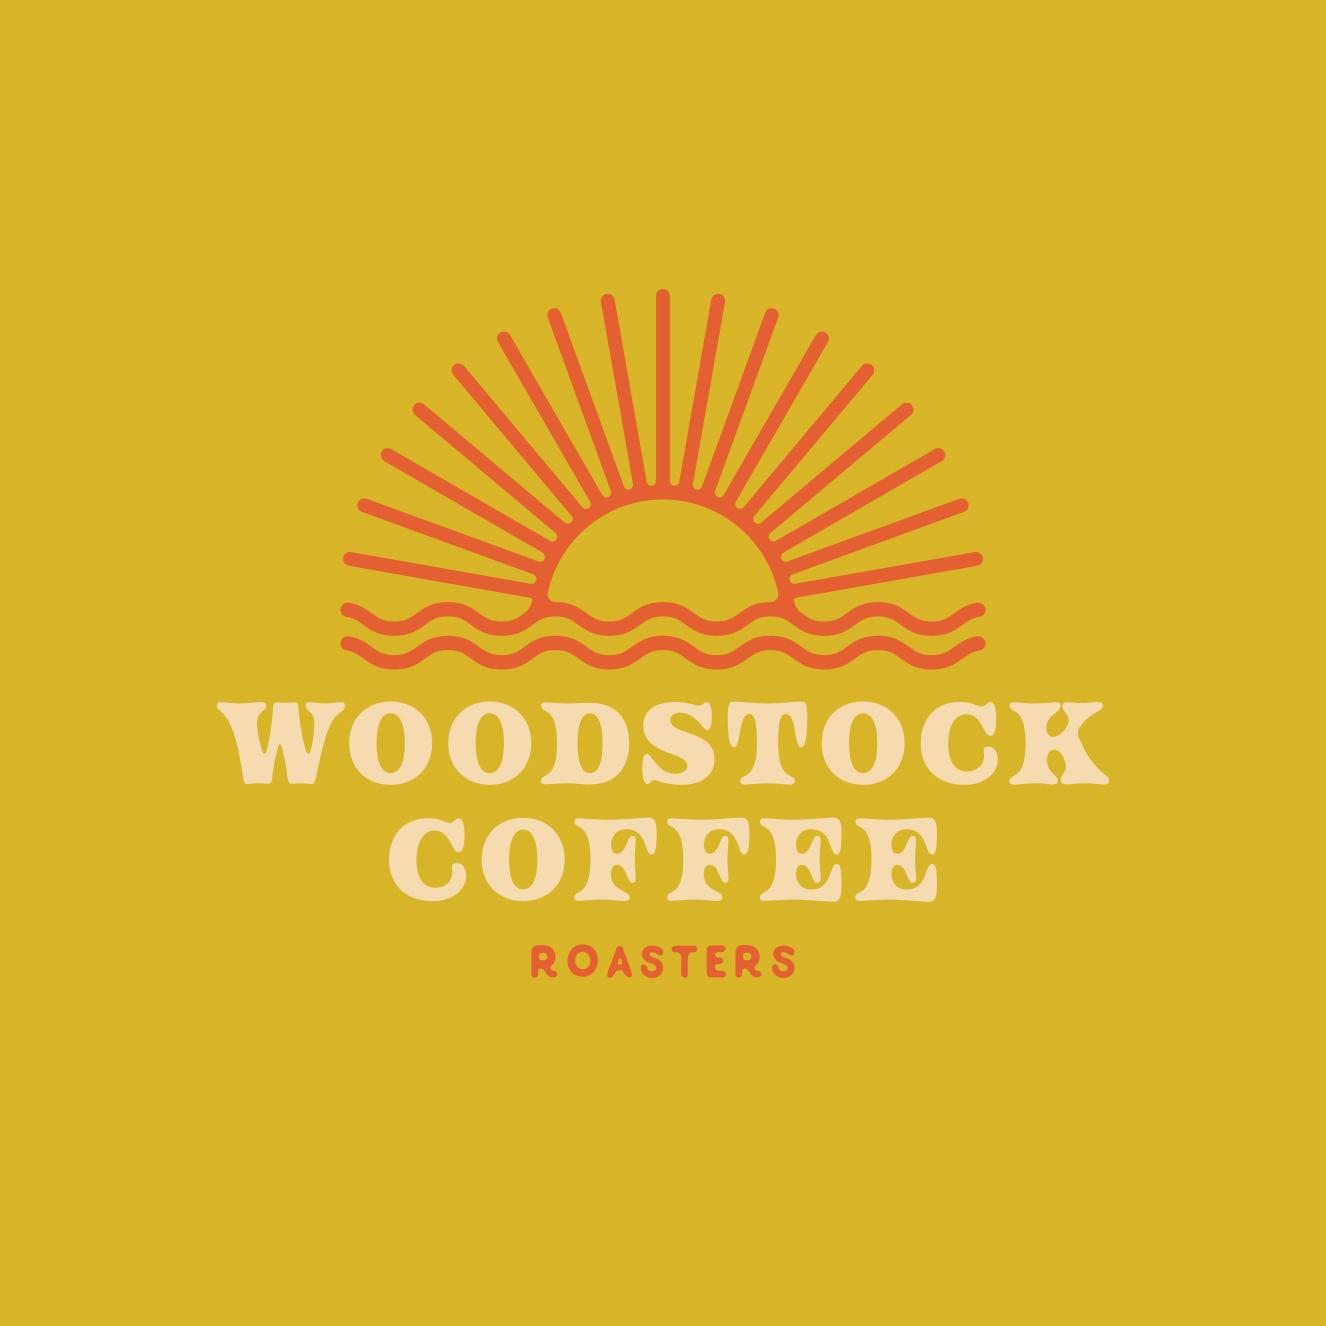 woodstock_6.jpg